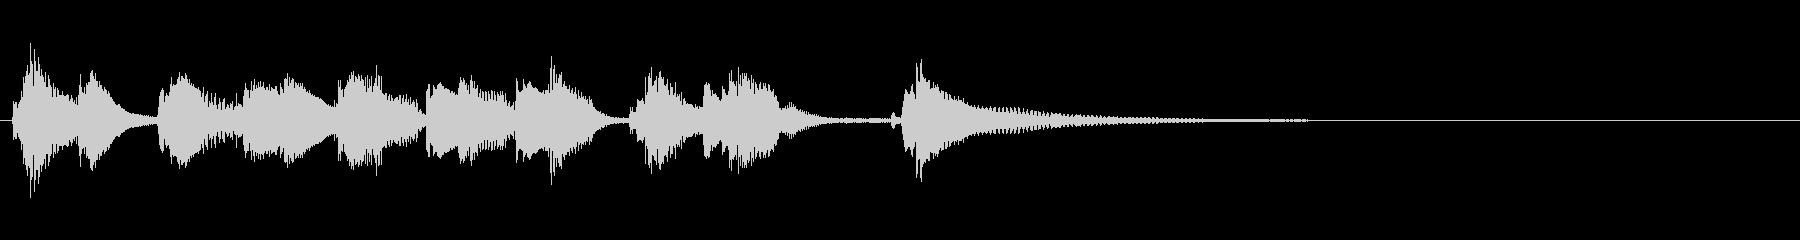 ピアノとウクレレの明るいジングルの未再生の波形